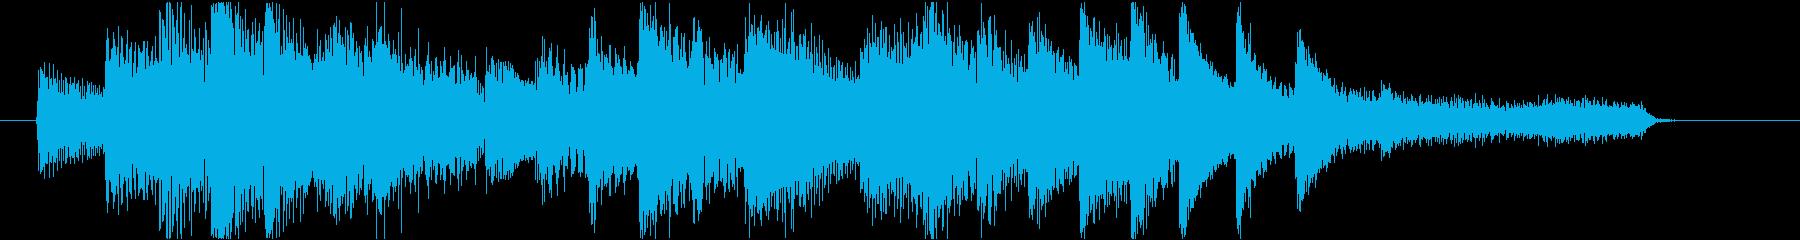 悲しい雰囲気のピアノジングルの再生済みの波形